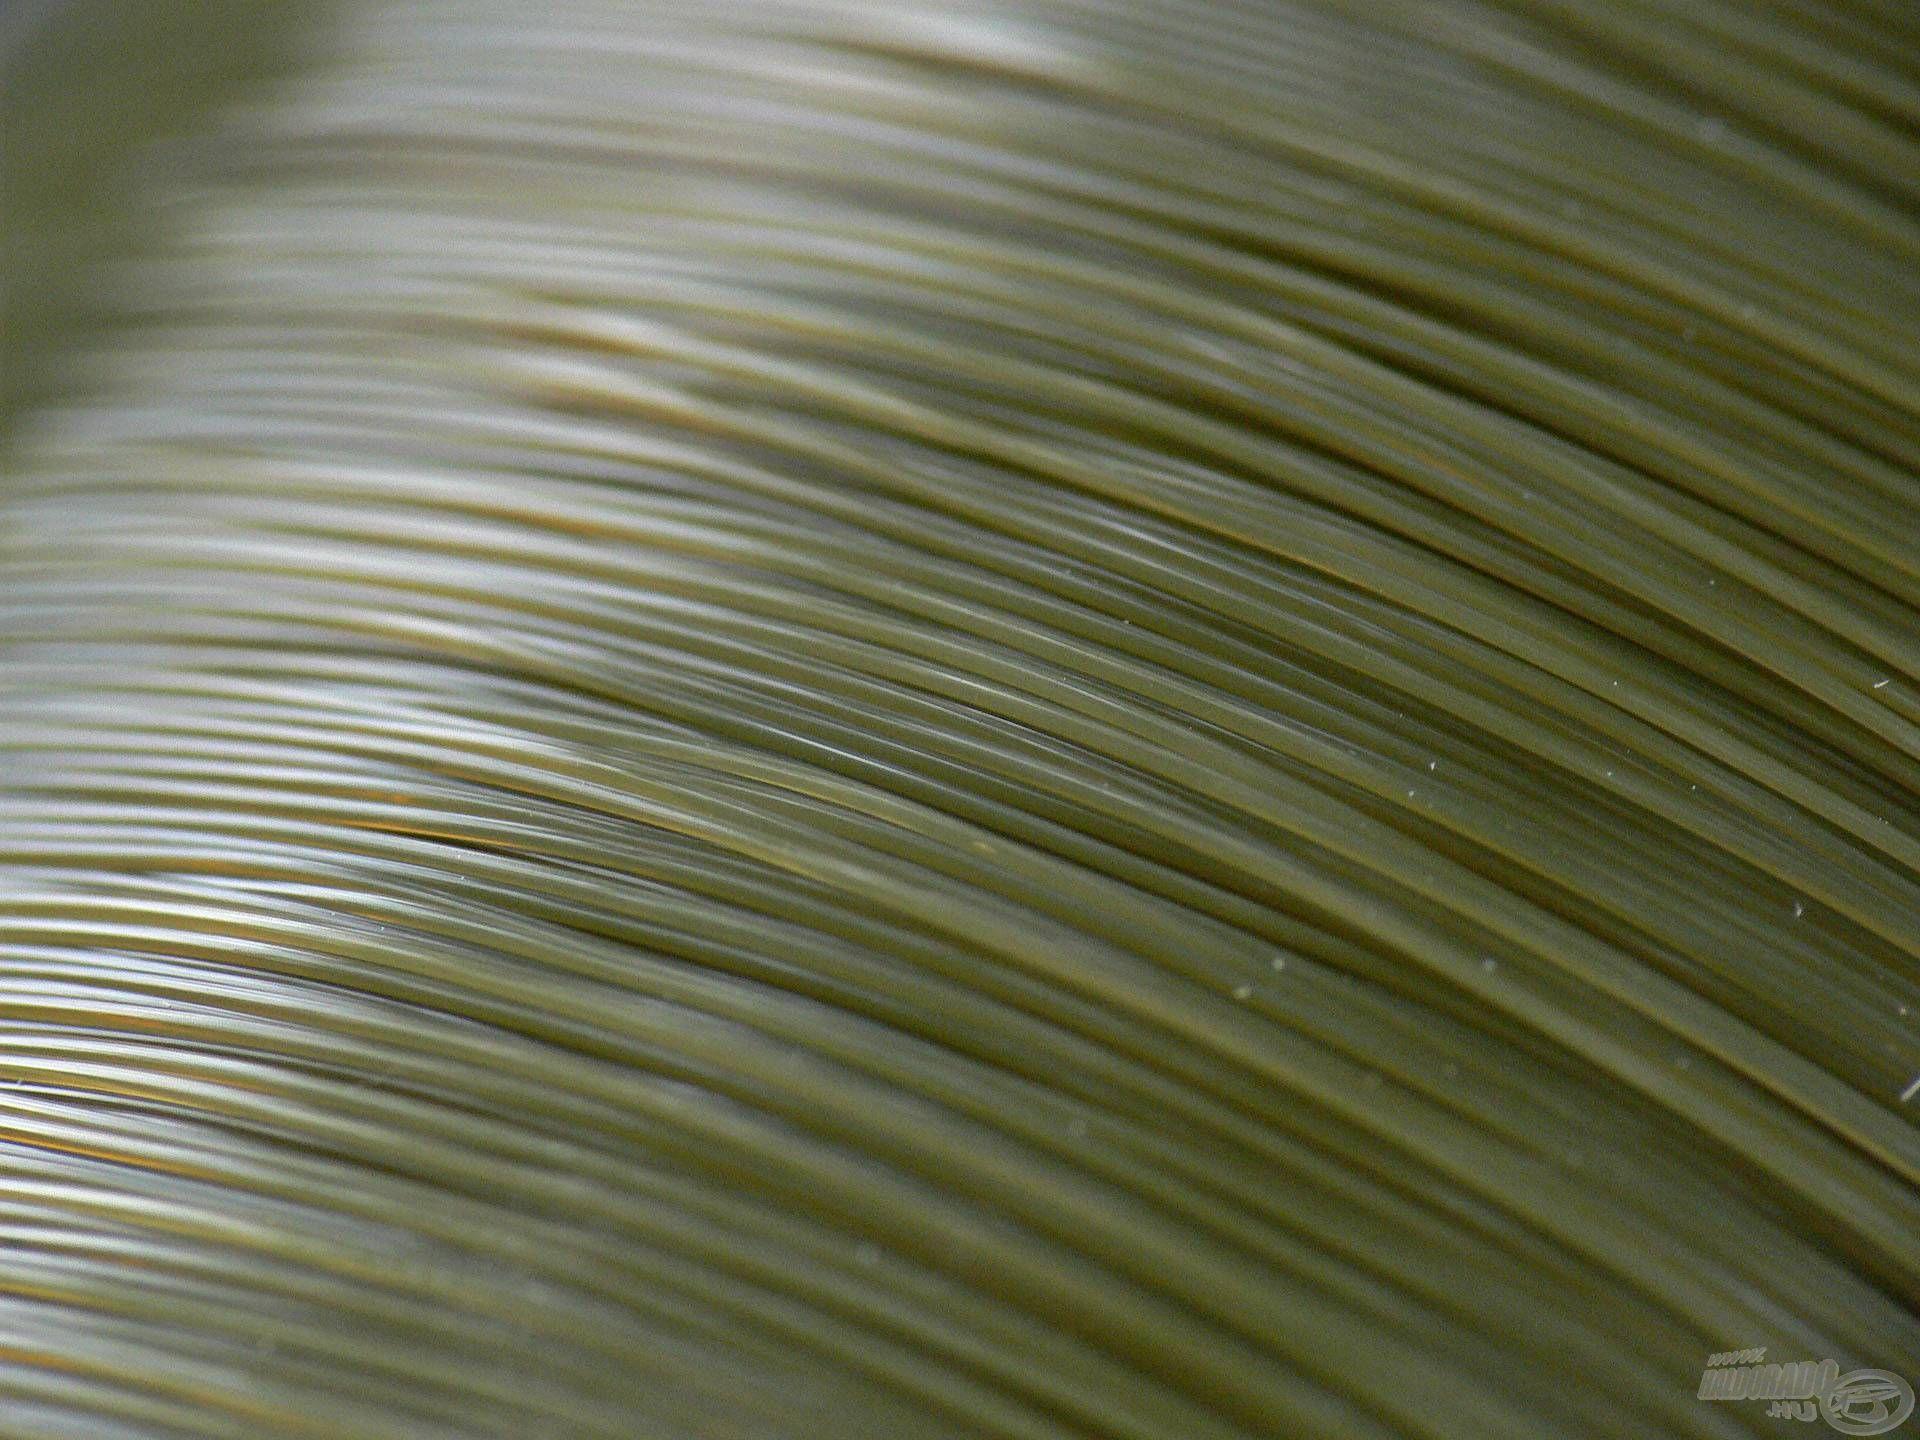 Különleges teflonbevonat került a zsinórra, az így kapott selymes felület pedig nagymértékben képes megnövelni a dobástávot